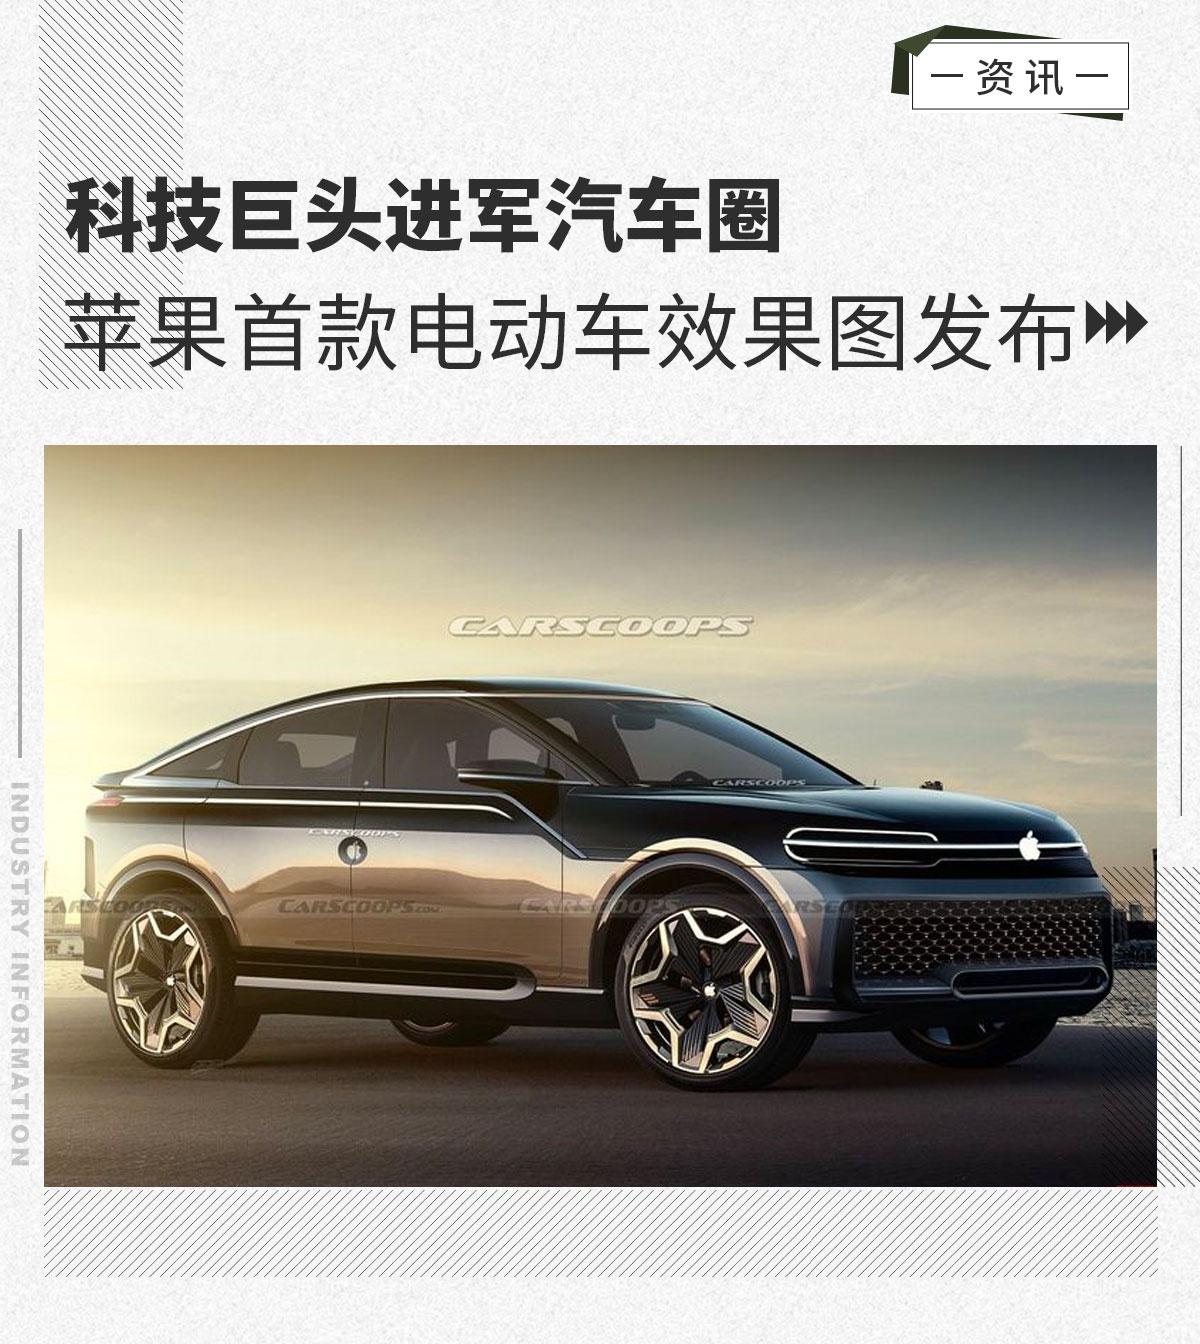 科技巨头进军汽车圈 苹果首款电动车效果图发布